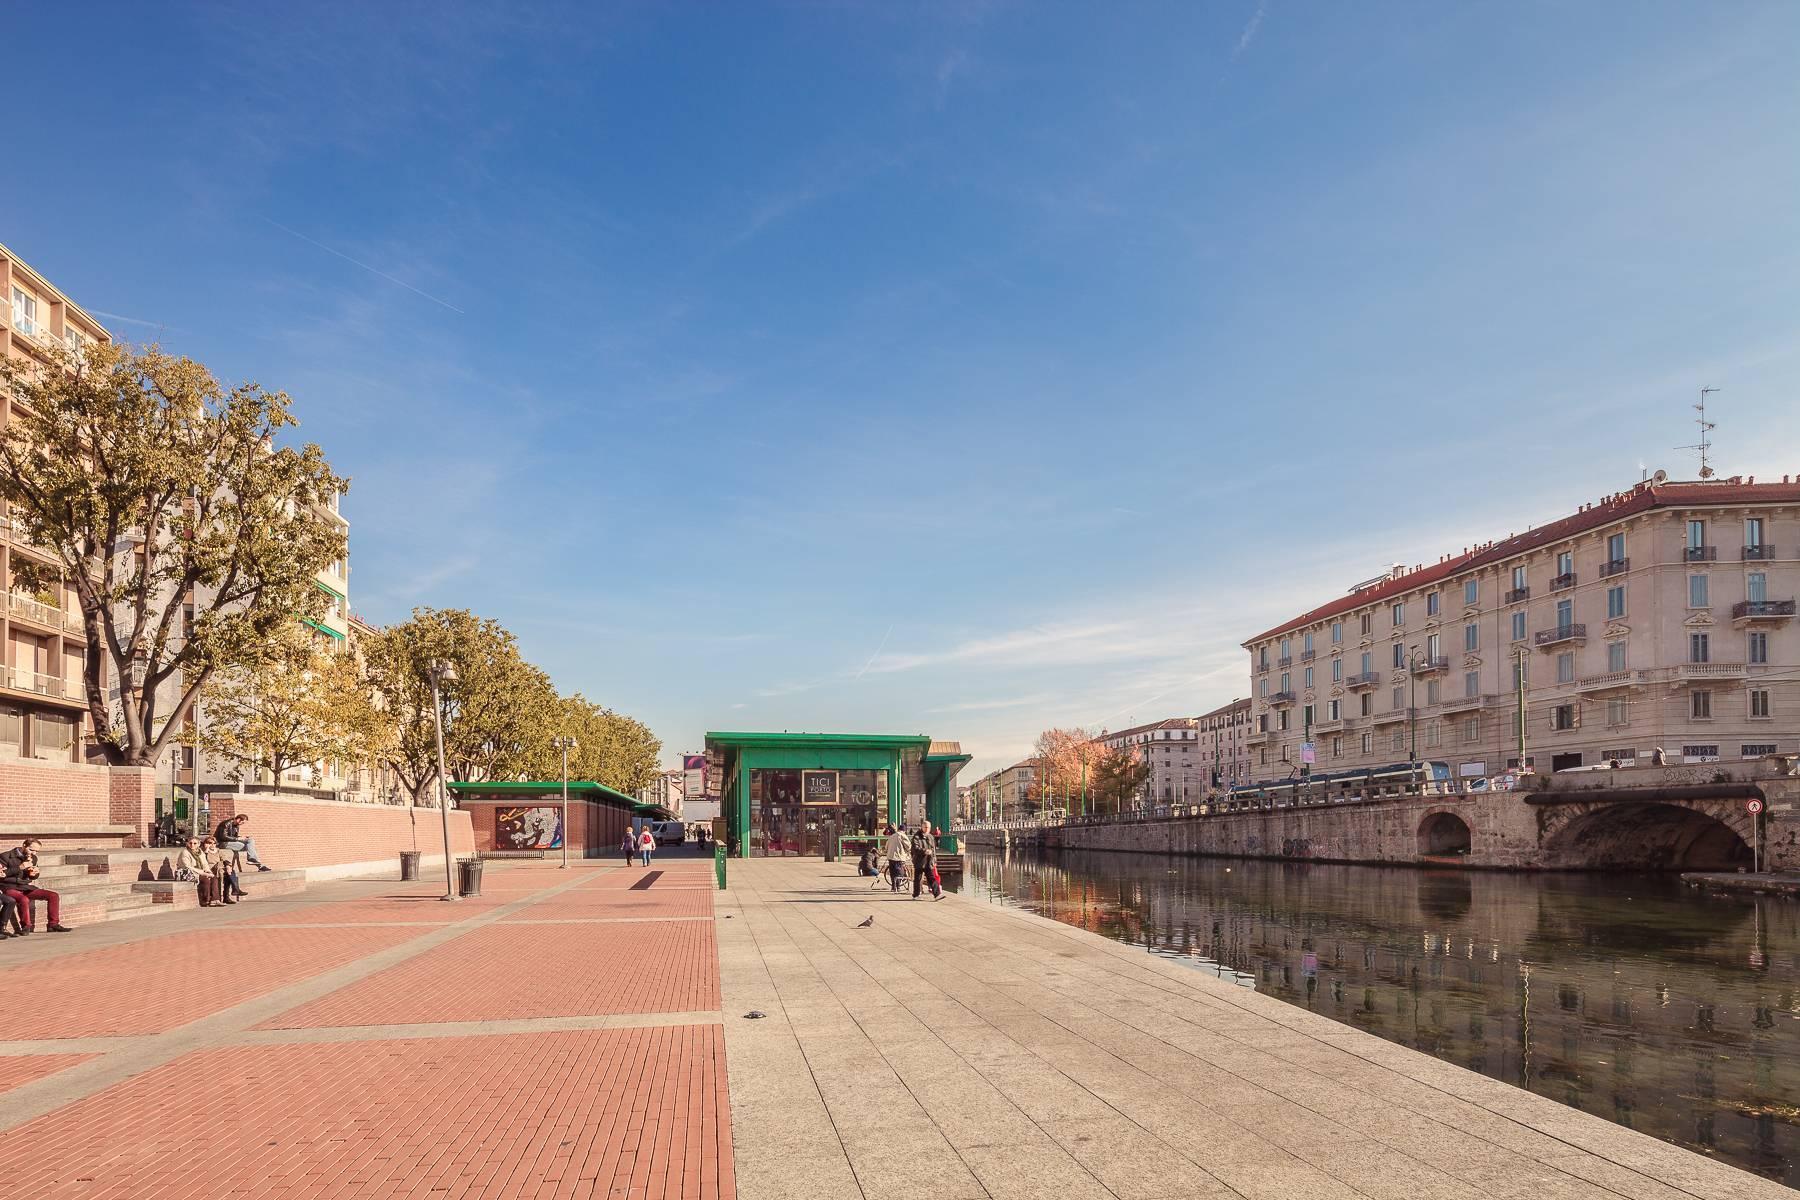 Renovierte Wohnung im Stadtviertel Ticinese/Darsena - 26